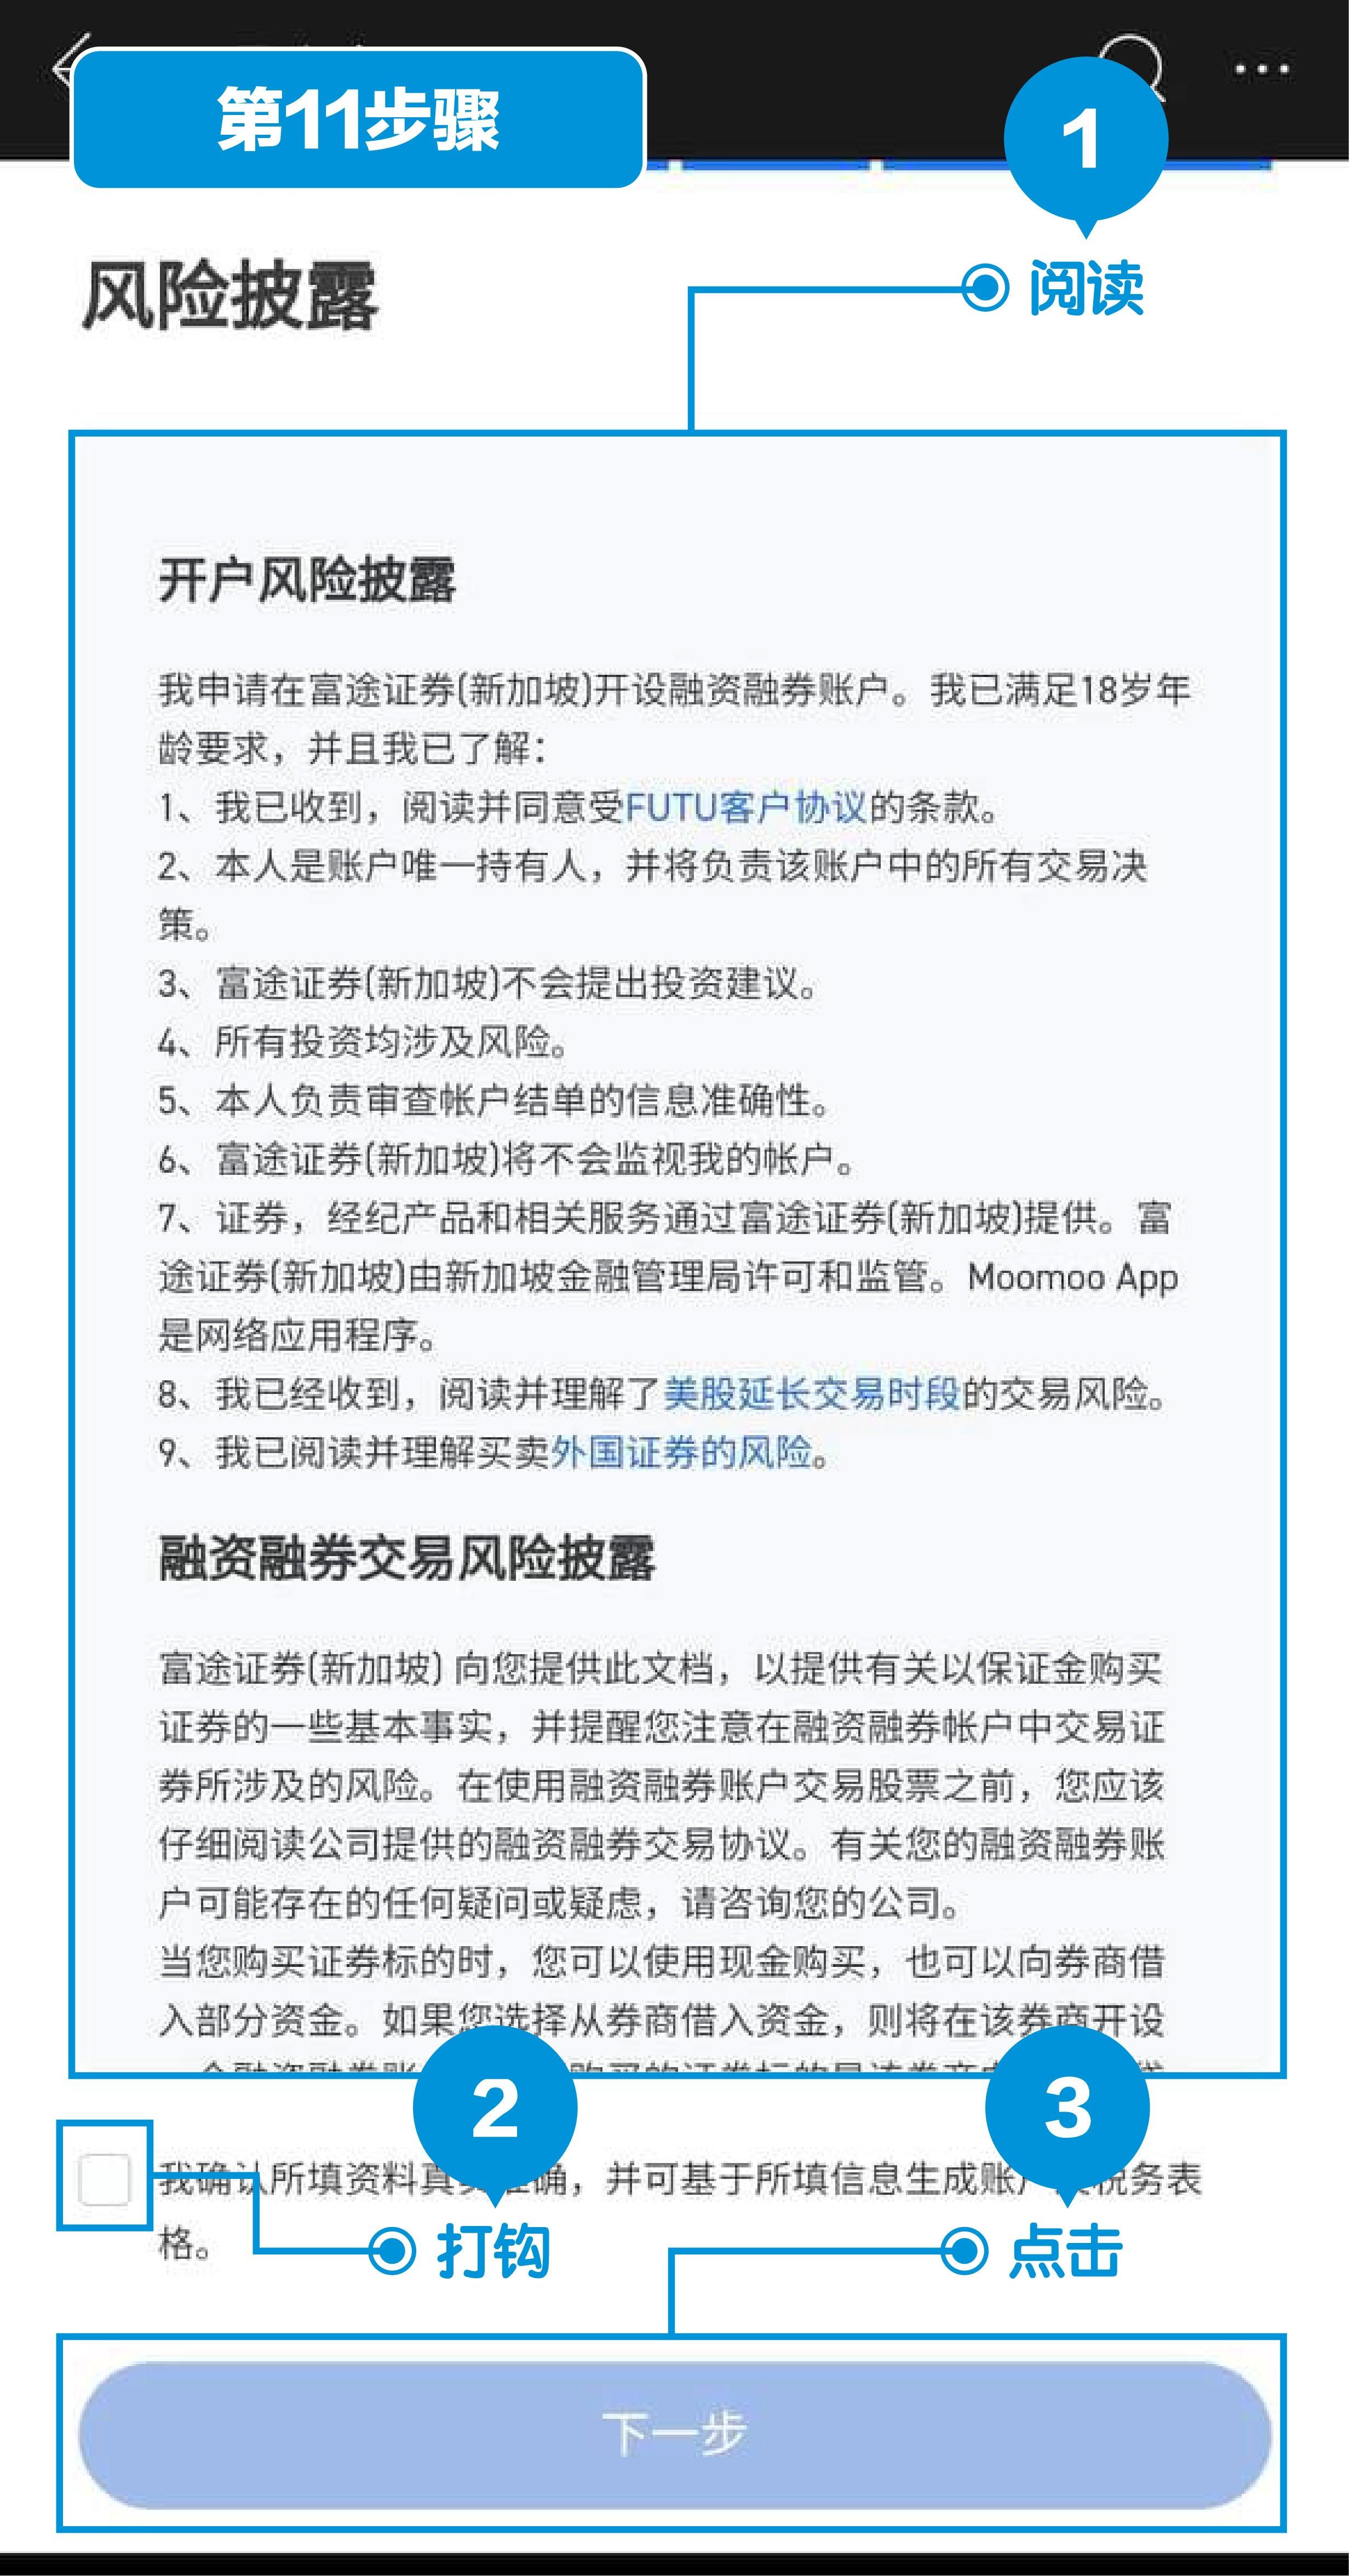 富途证券(新加坡)开户第11步:阅读声明与了解风险